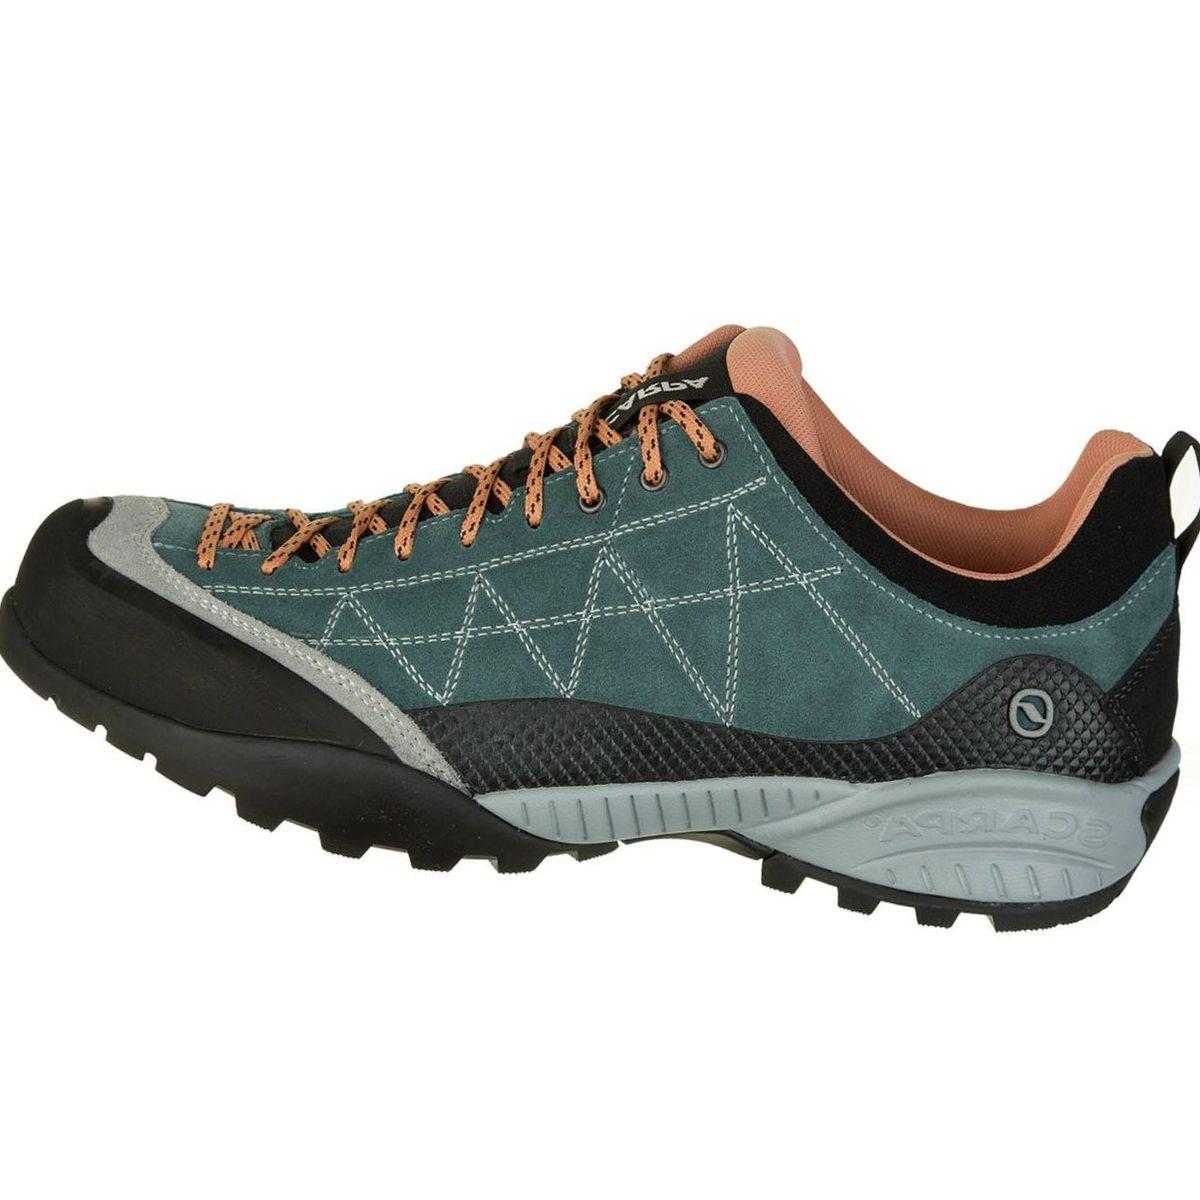 Scarpa Zen Pro Shoe - Women's